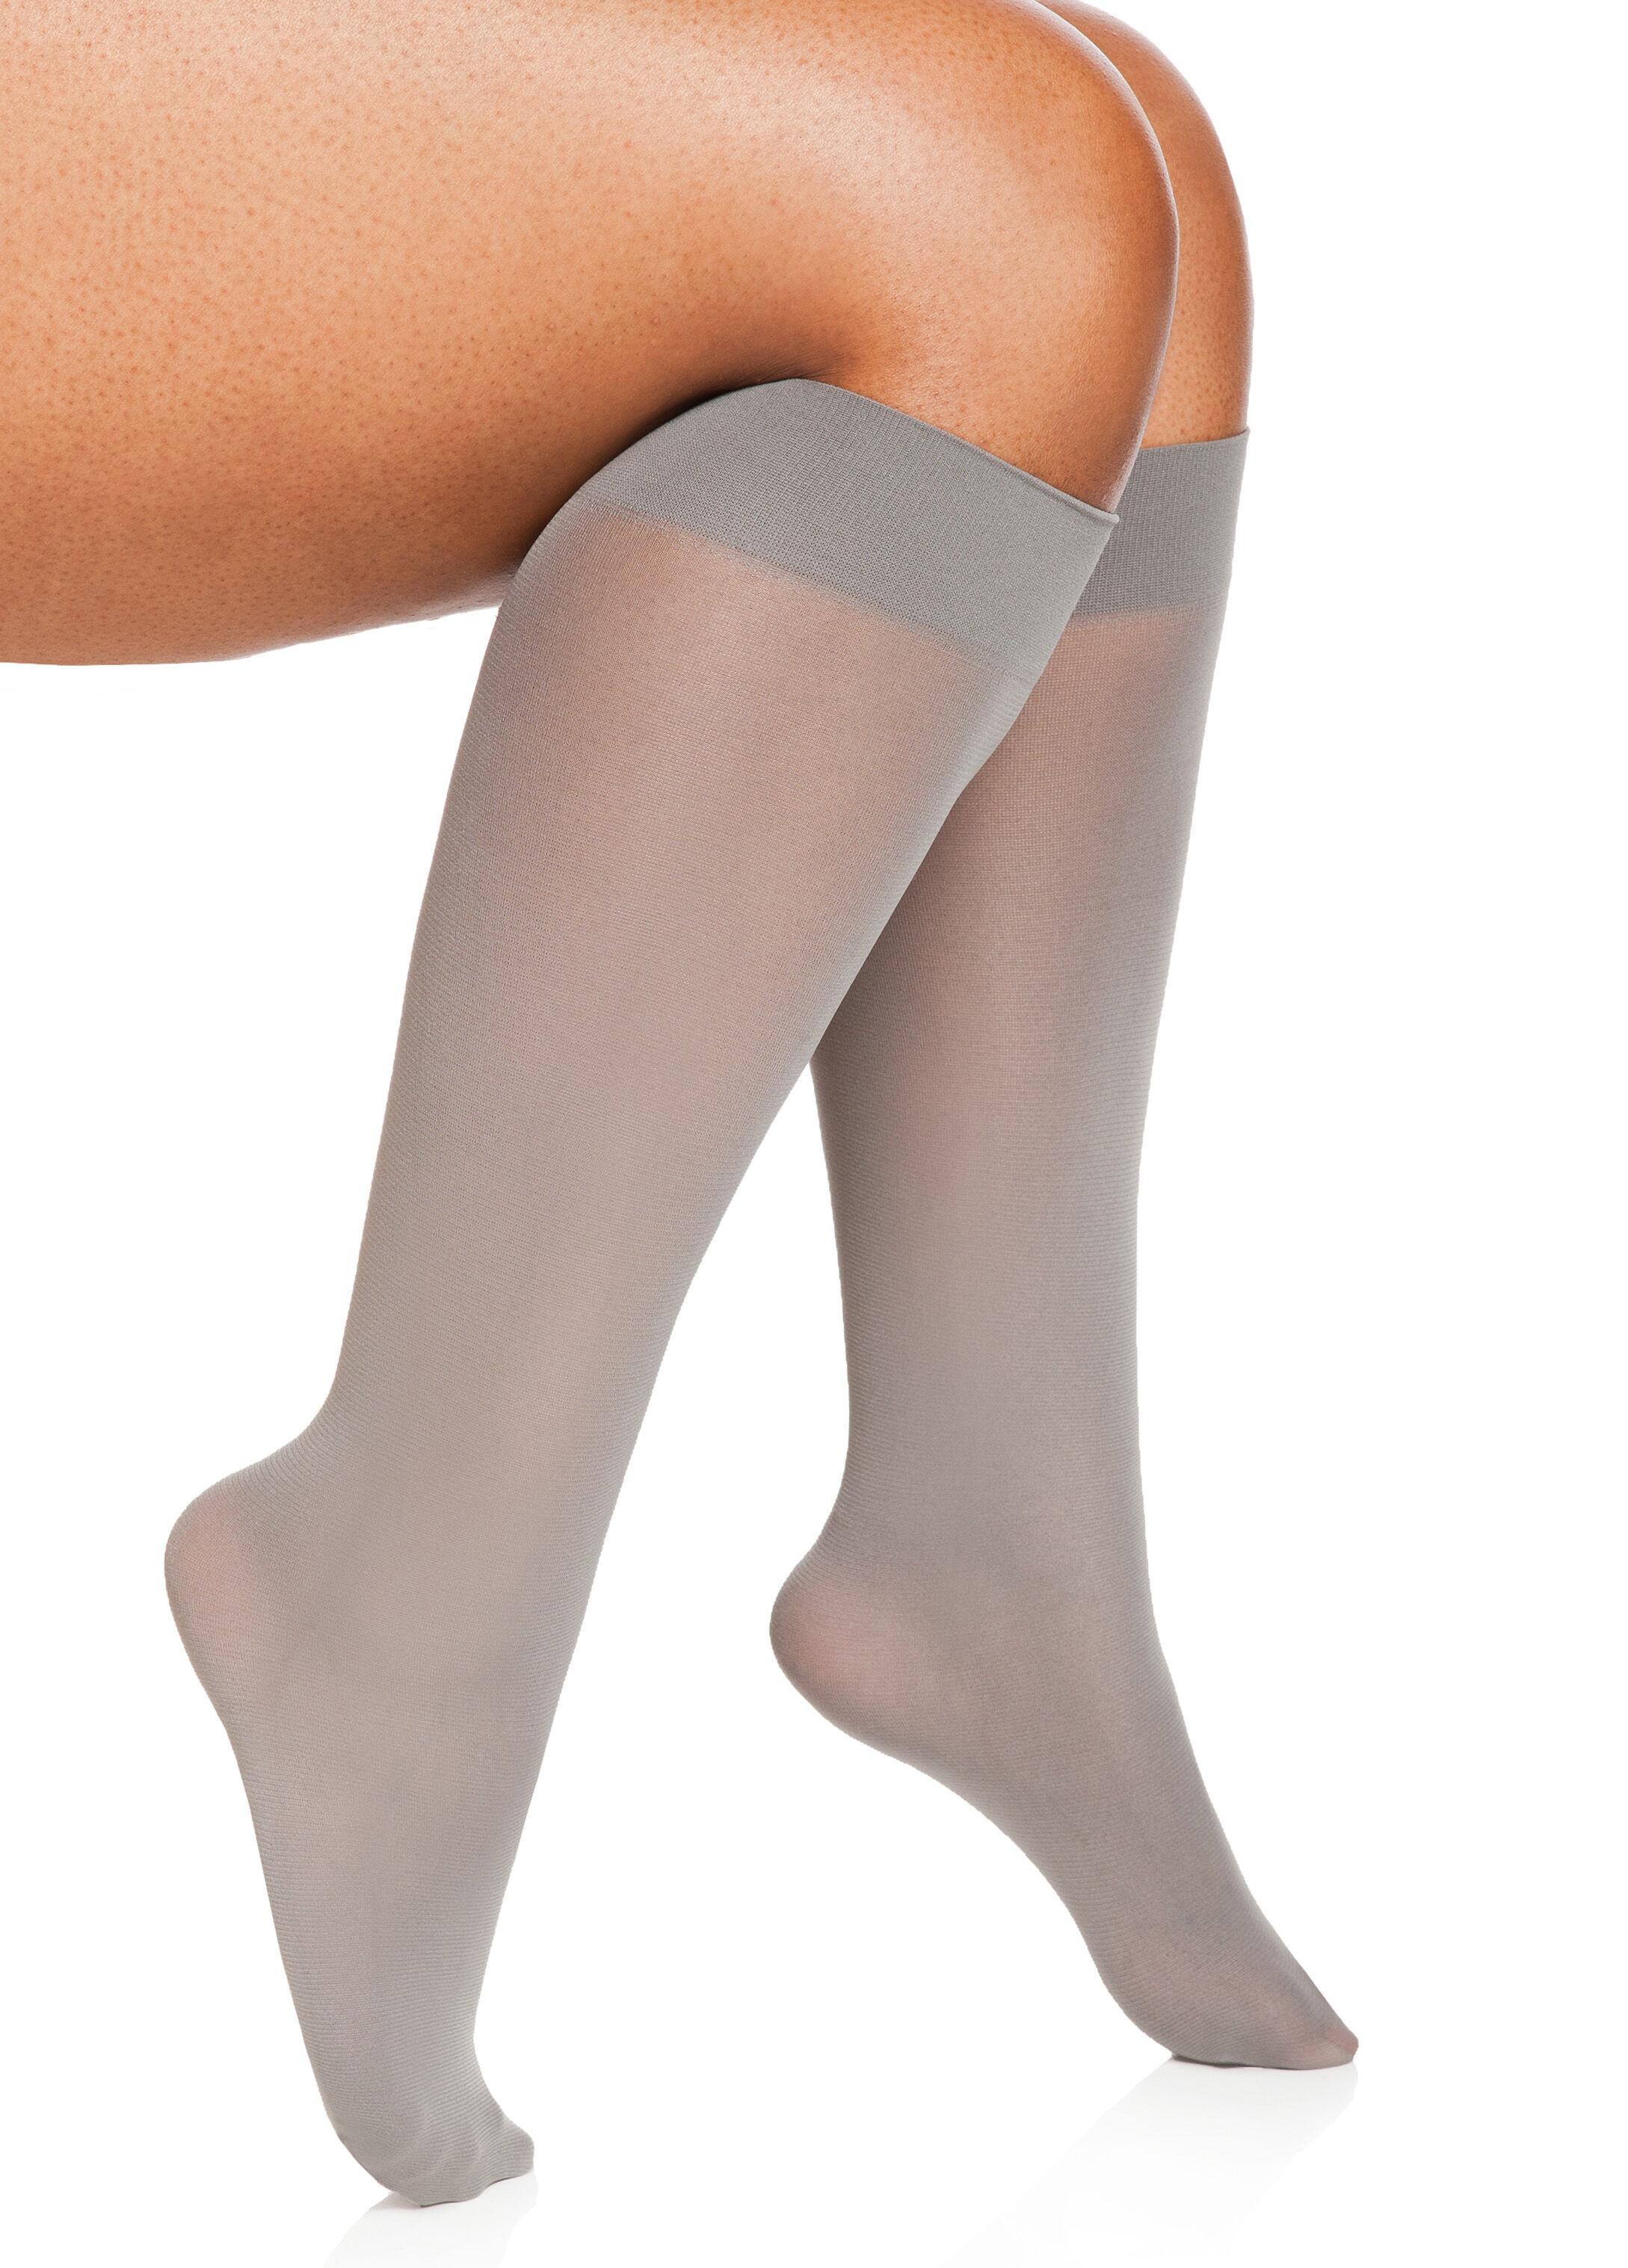 Basic Opaque Trouser Socks